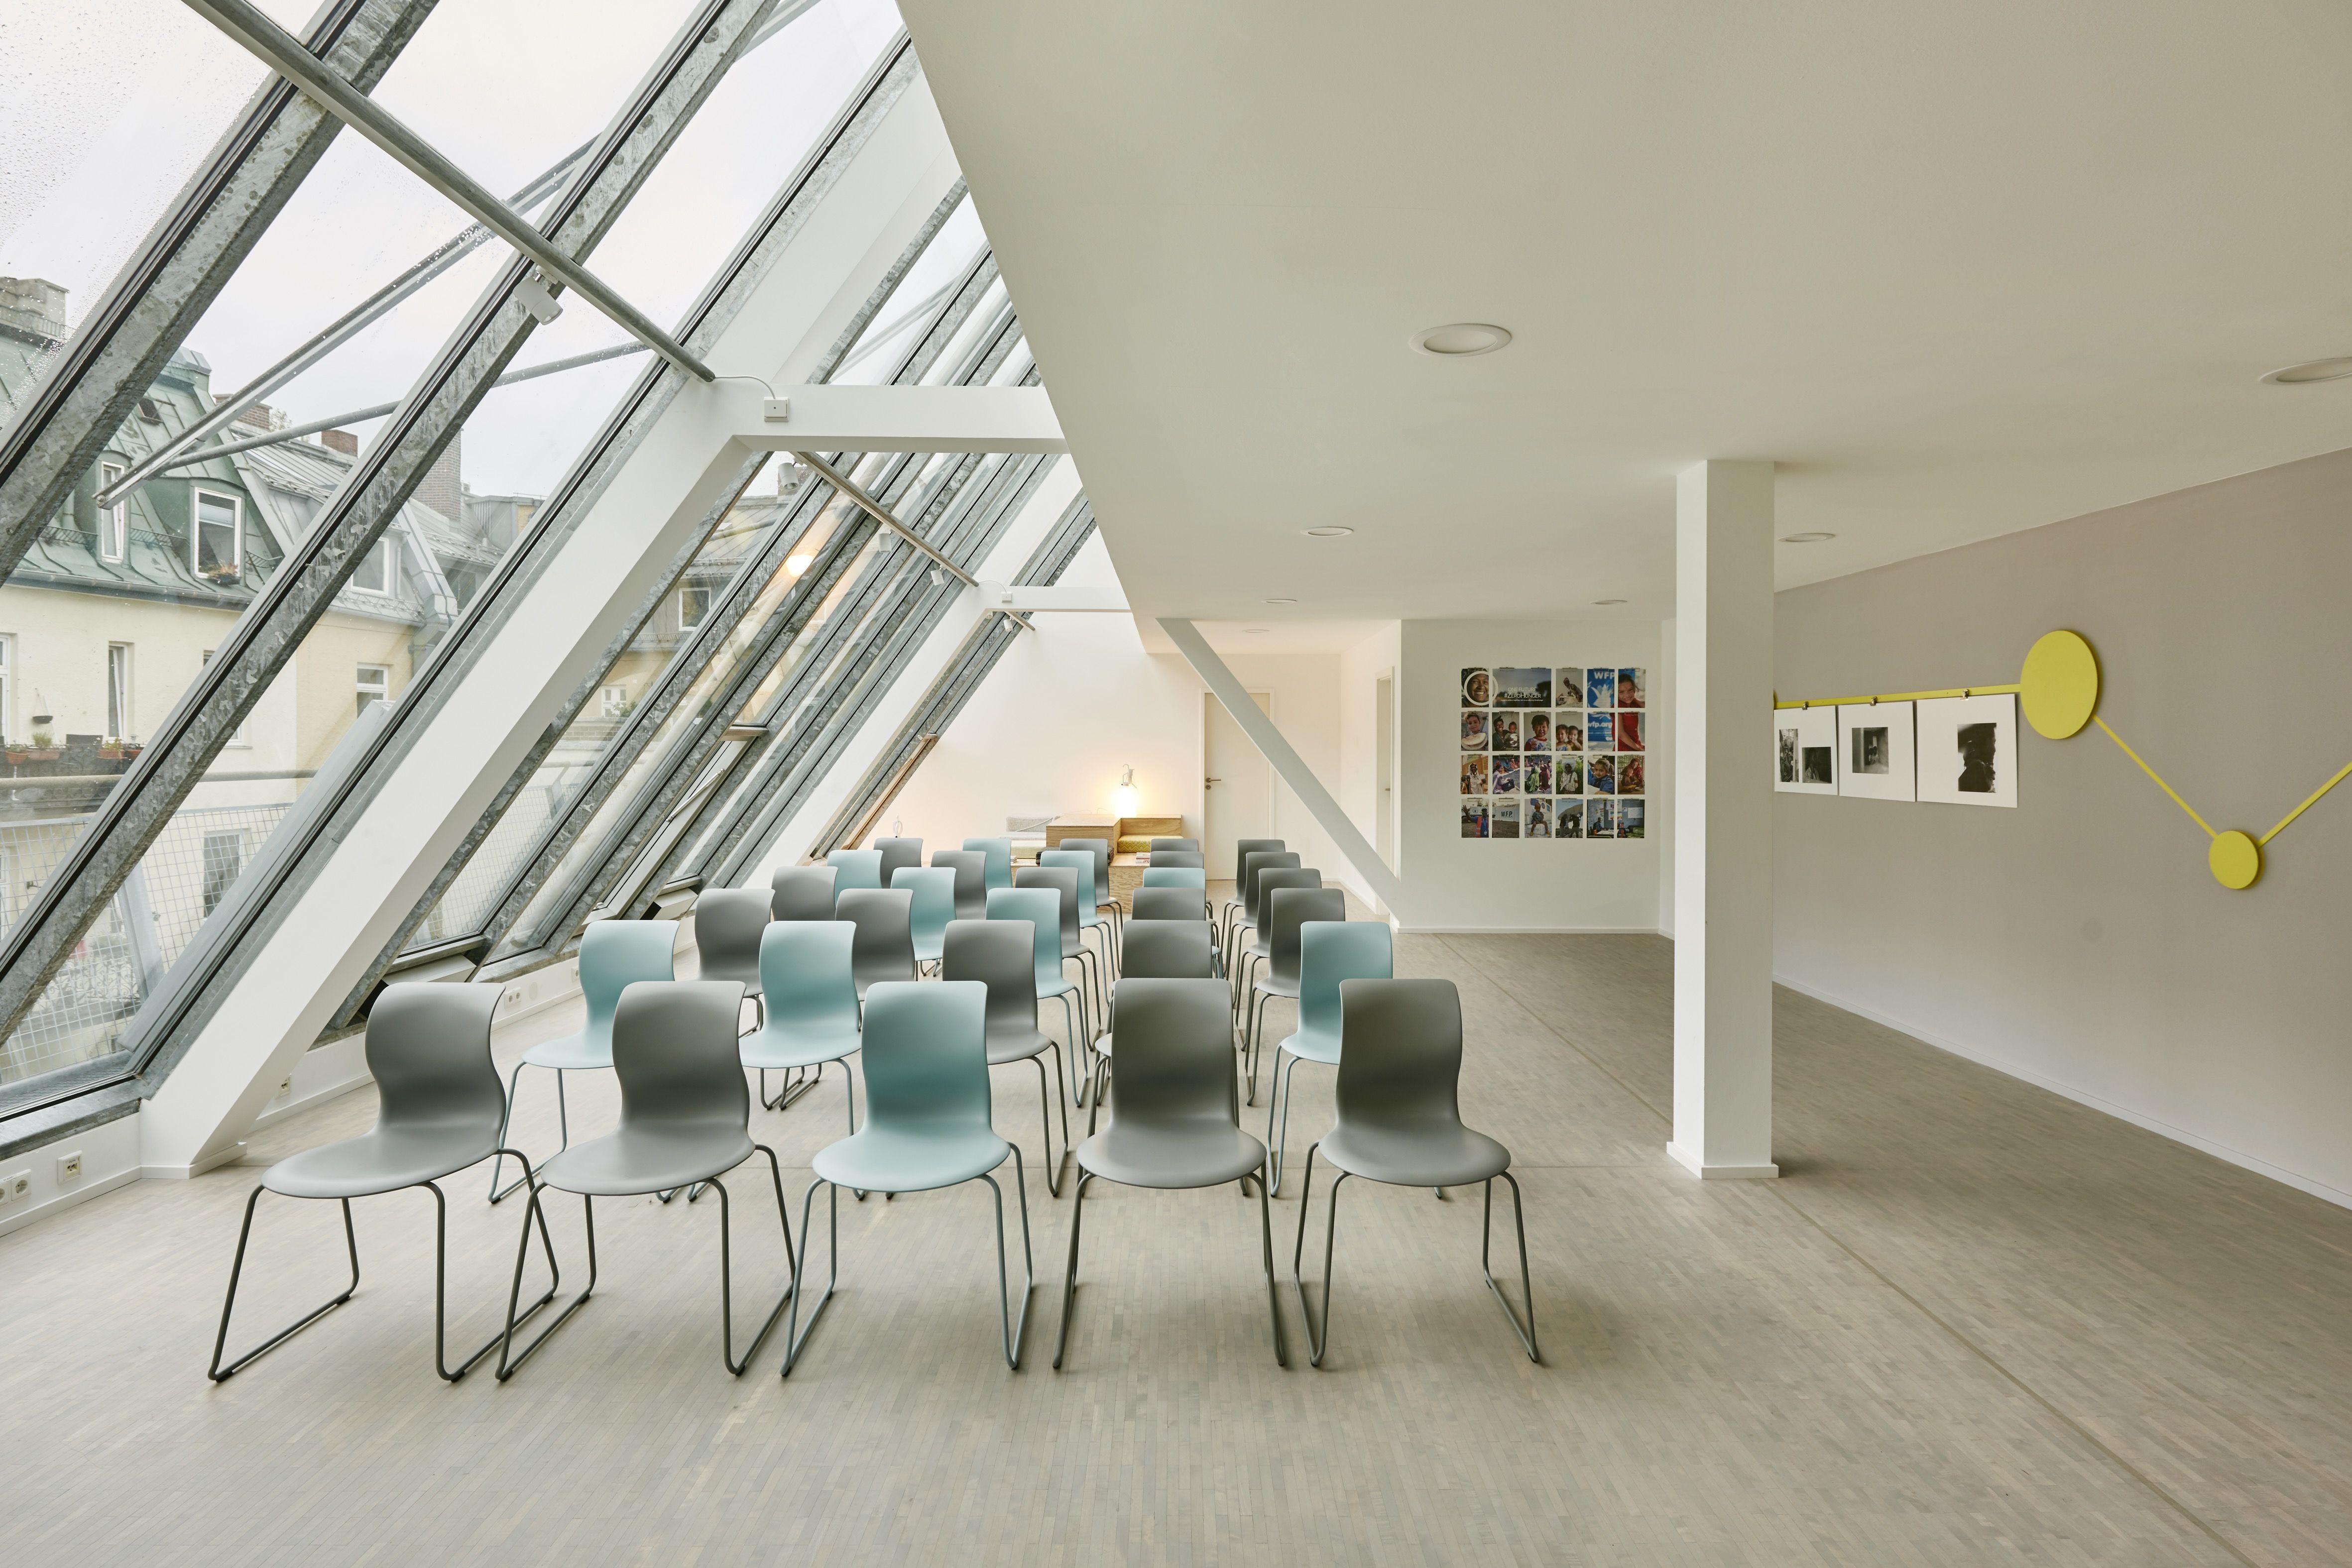 Elegant Flexibler Projektraum Mit Flötotto Stühlen Ausgestattet Foto © Daniel  Schäfer